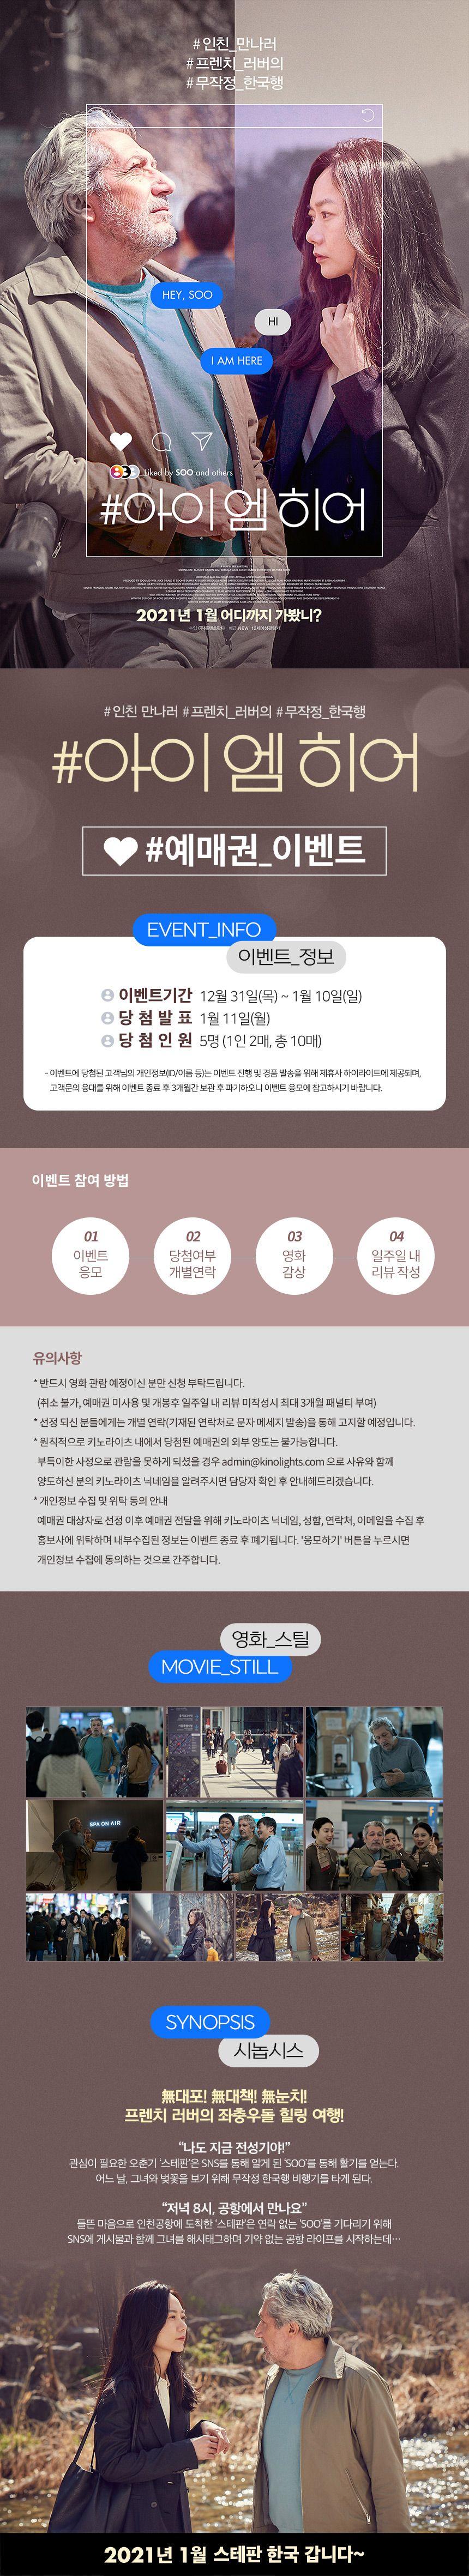 <#아이엠히어> 예매권 안내